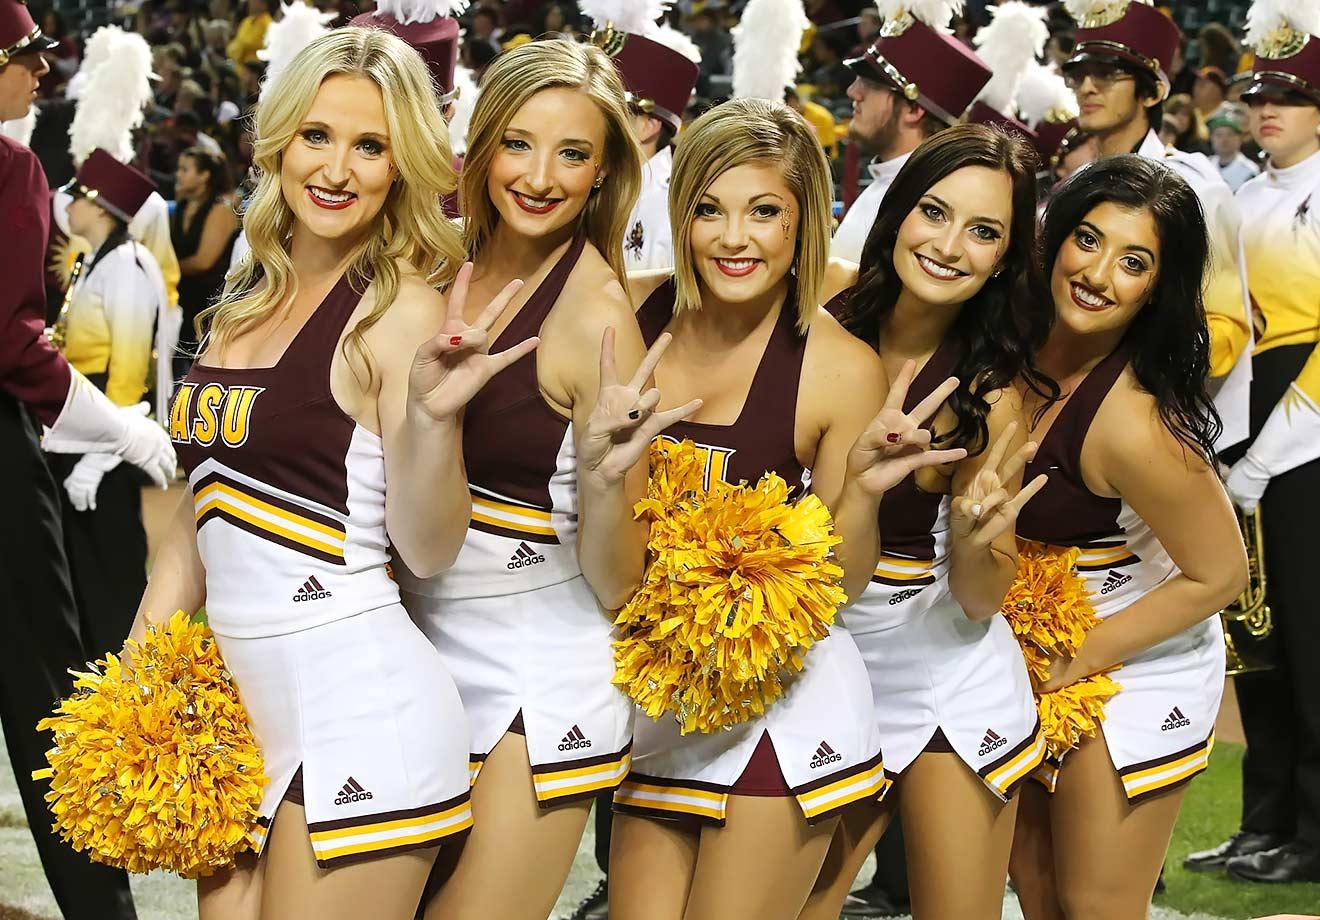 Love university of arizona cheerleader